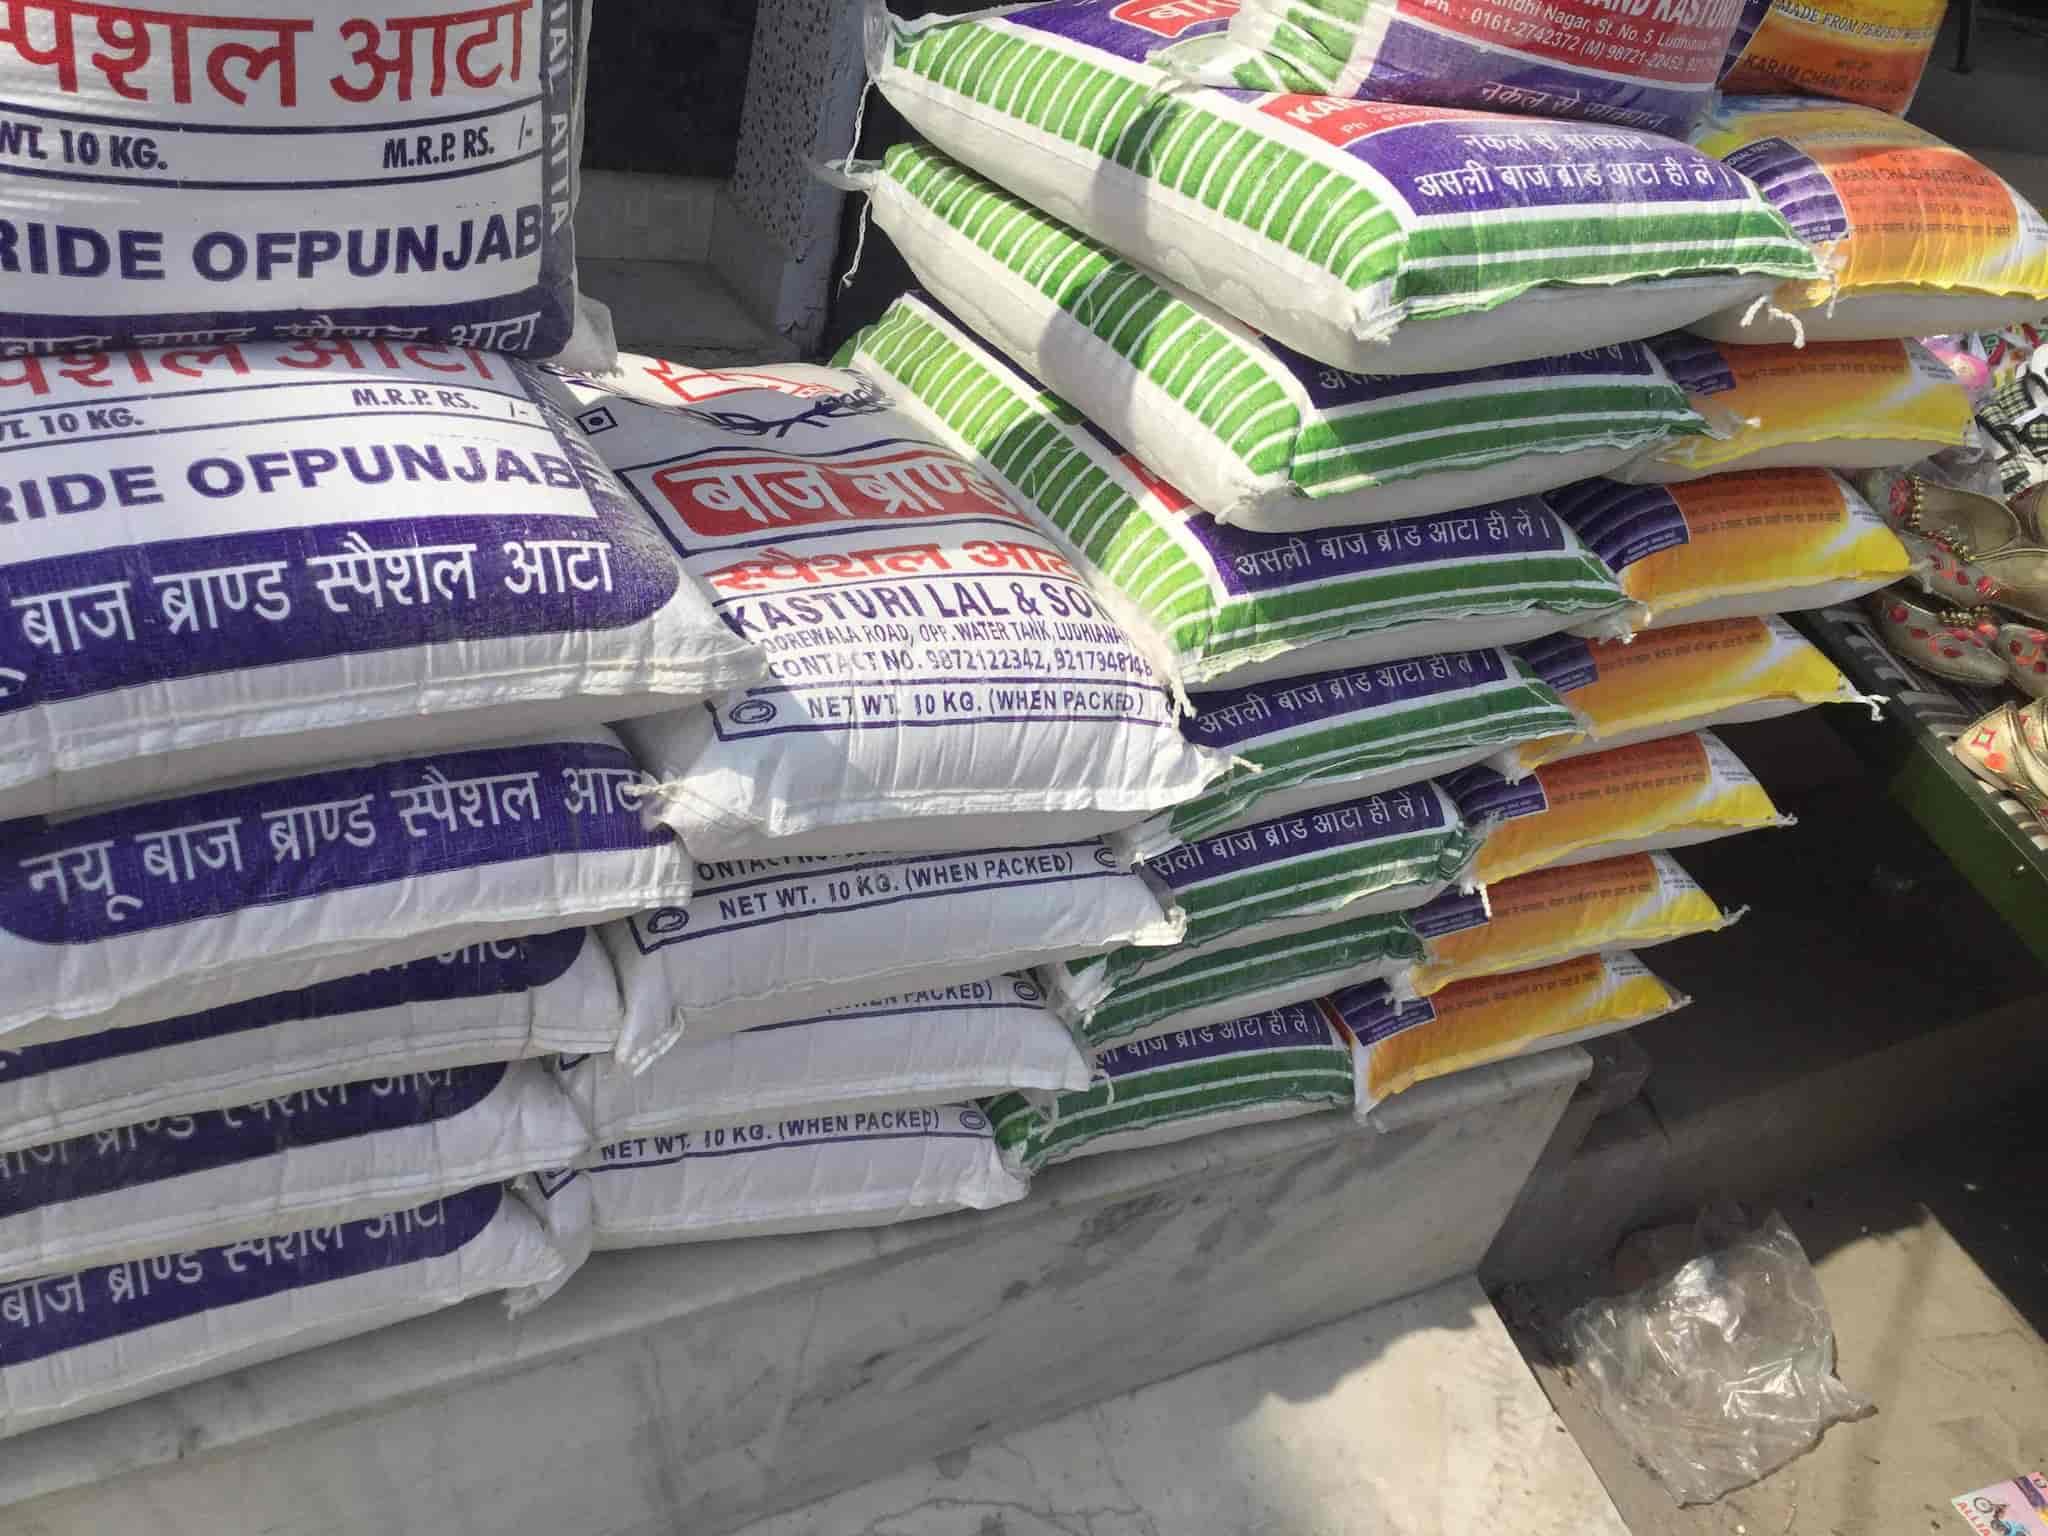 Kasturi Lal & Sons, Noorwala - Flour Mills in Ludhiana - Justdial